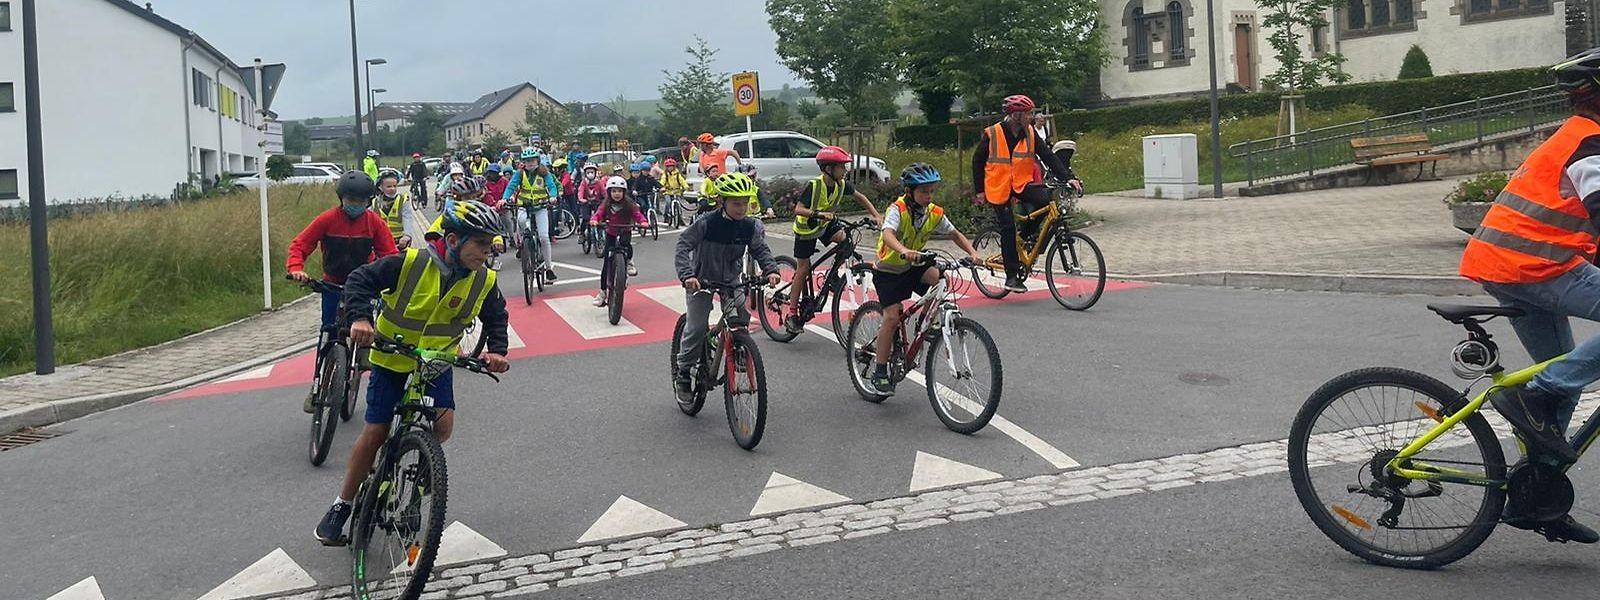 3.328 Kilometer haben die 89 Teilnehmer der Aktion innerhalb von drei Wochen zusammengeradelt.